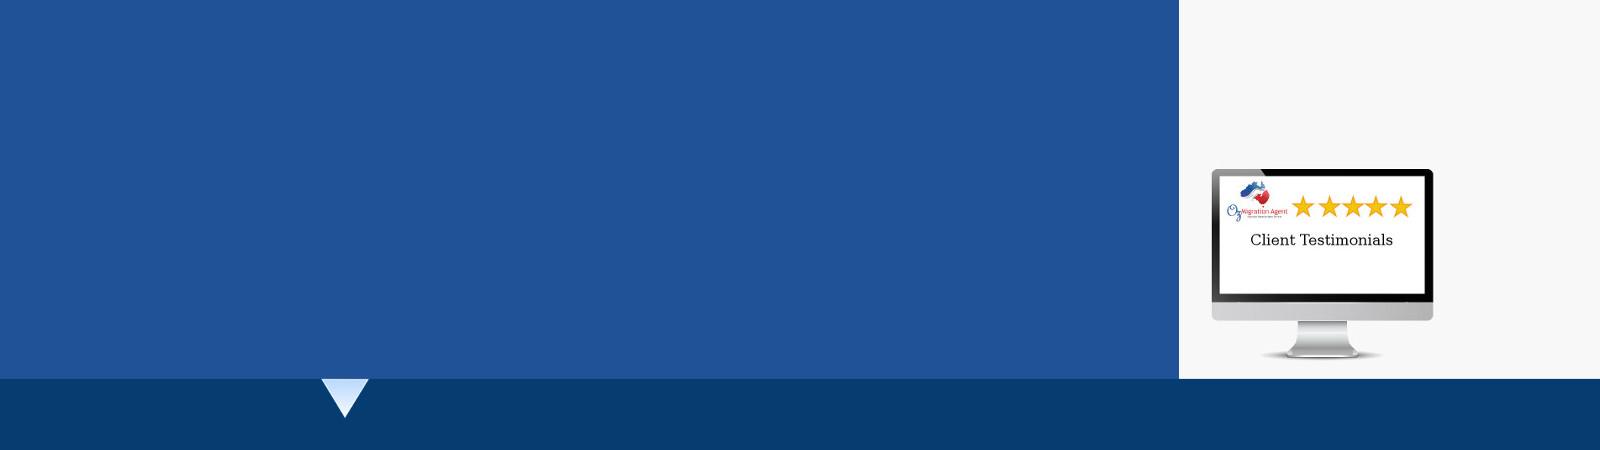 Client Testimonial – QLD Client